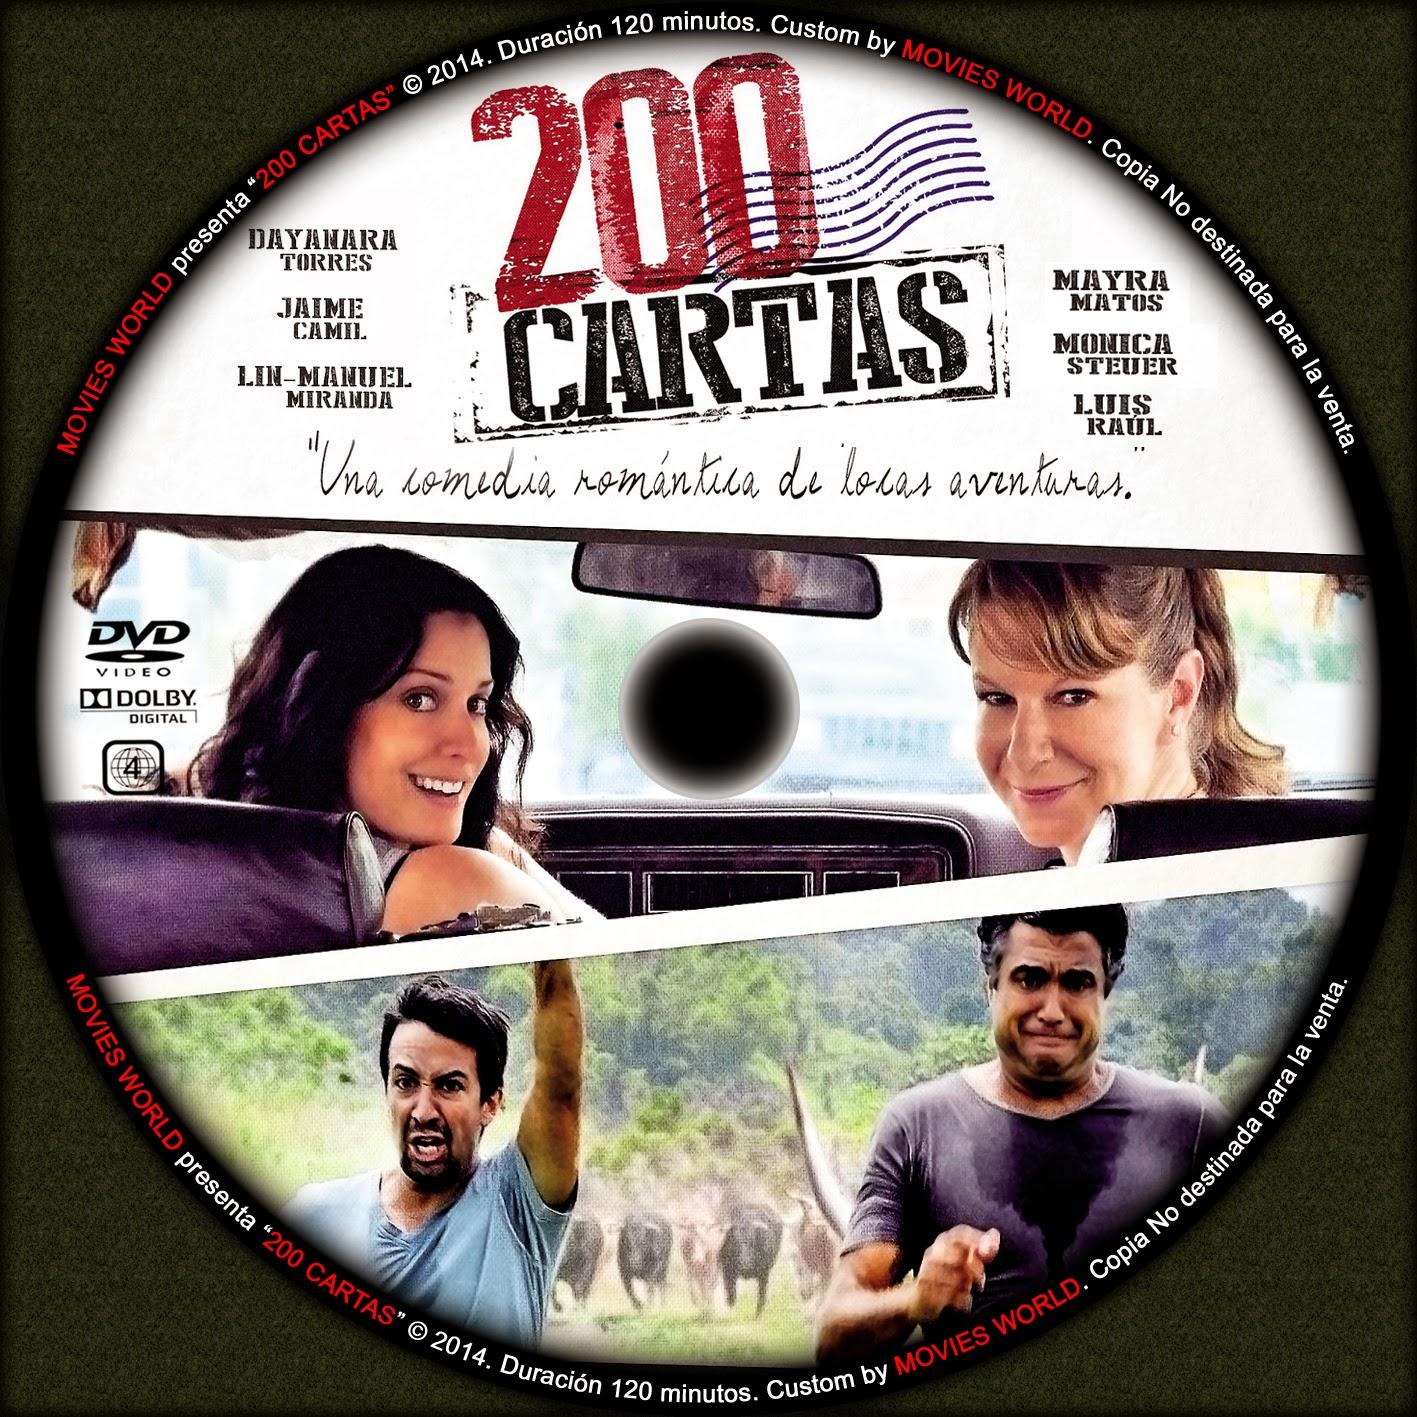 Movies World 200 Cartas Dvd